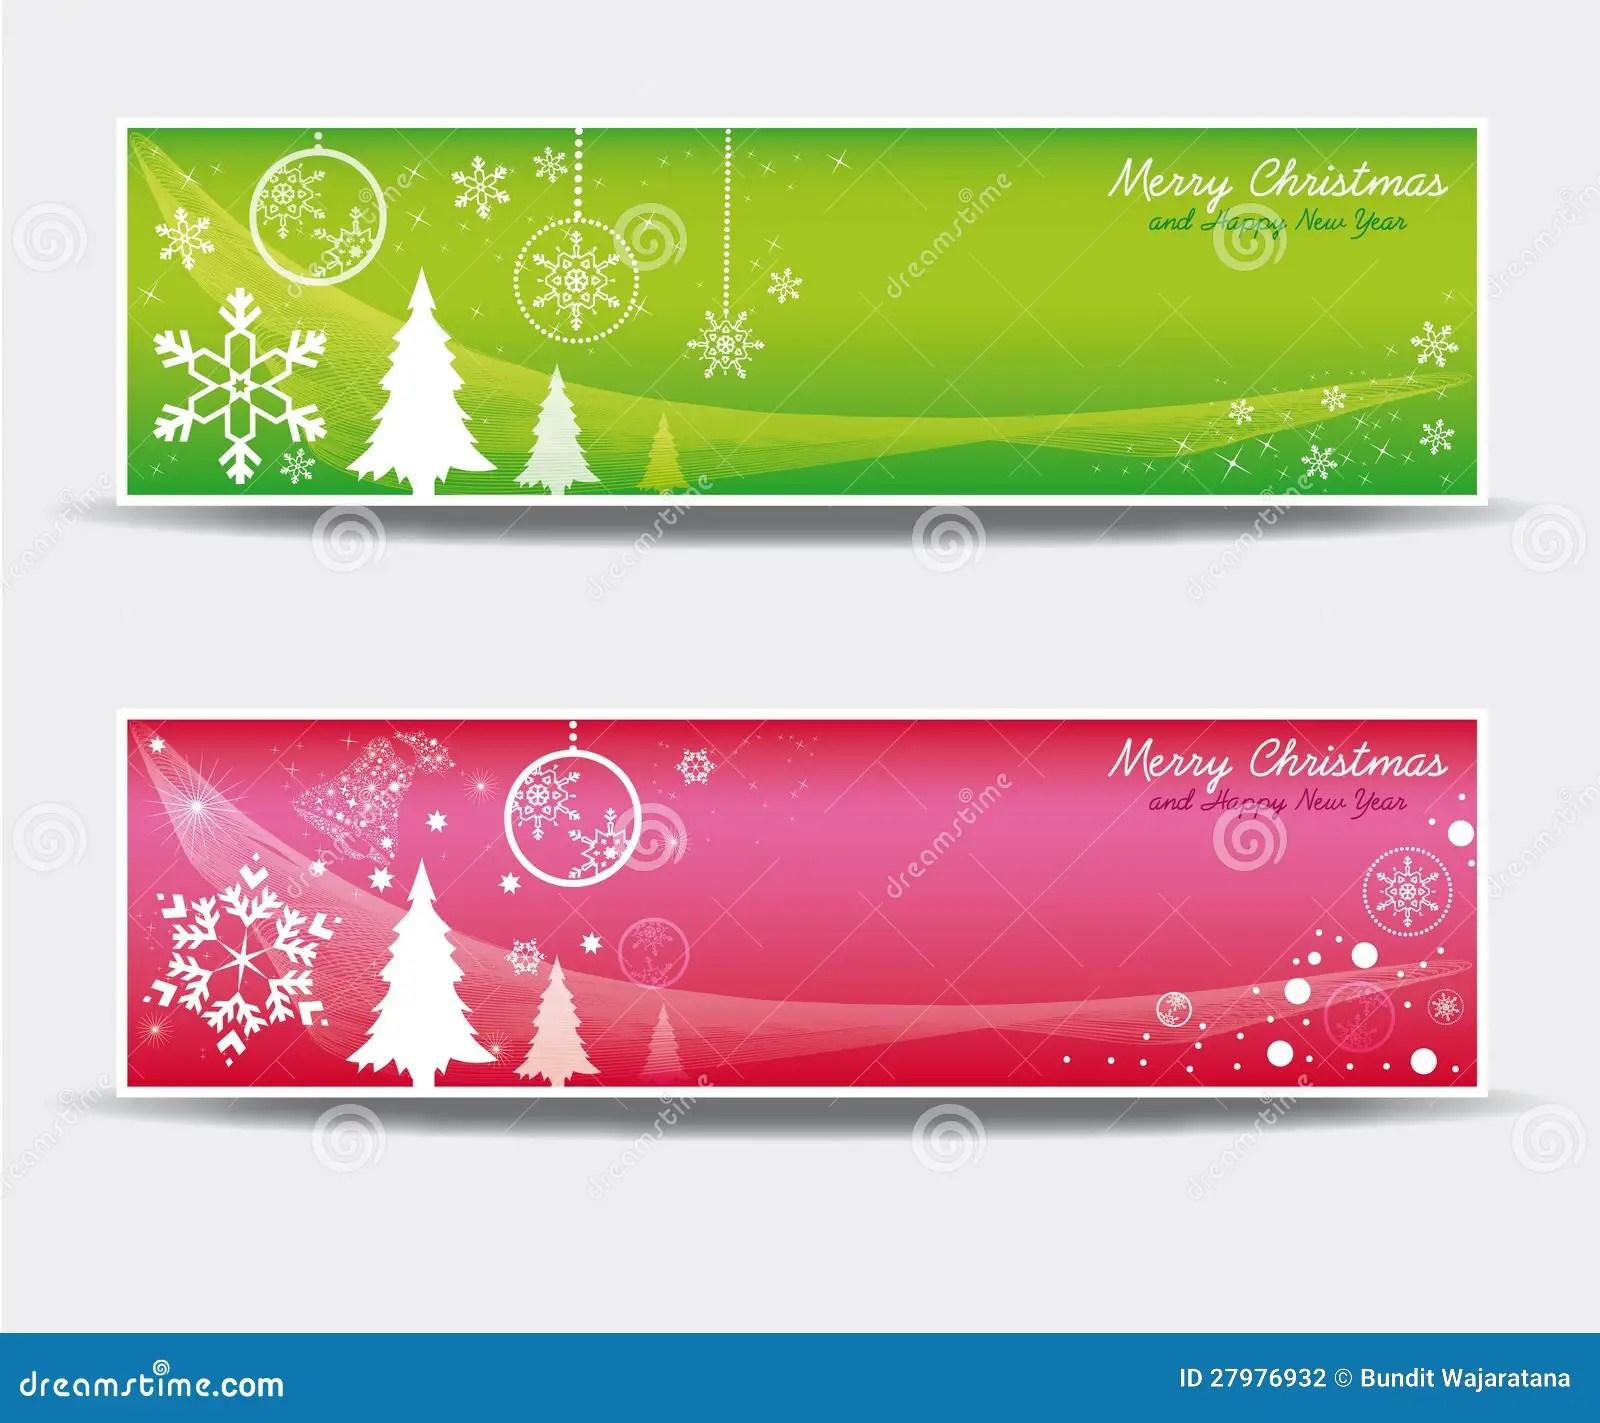 christmas voucher new calendar template site